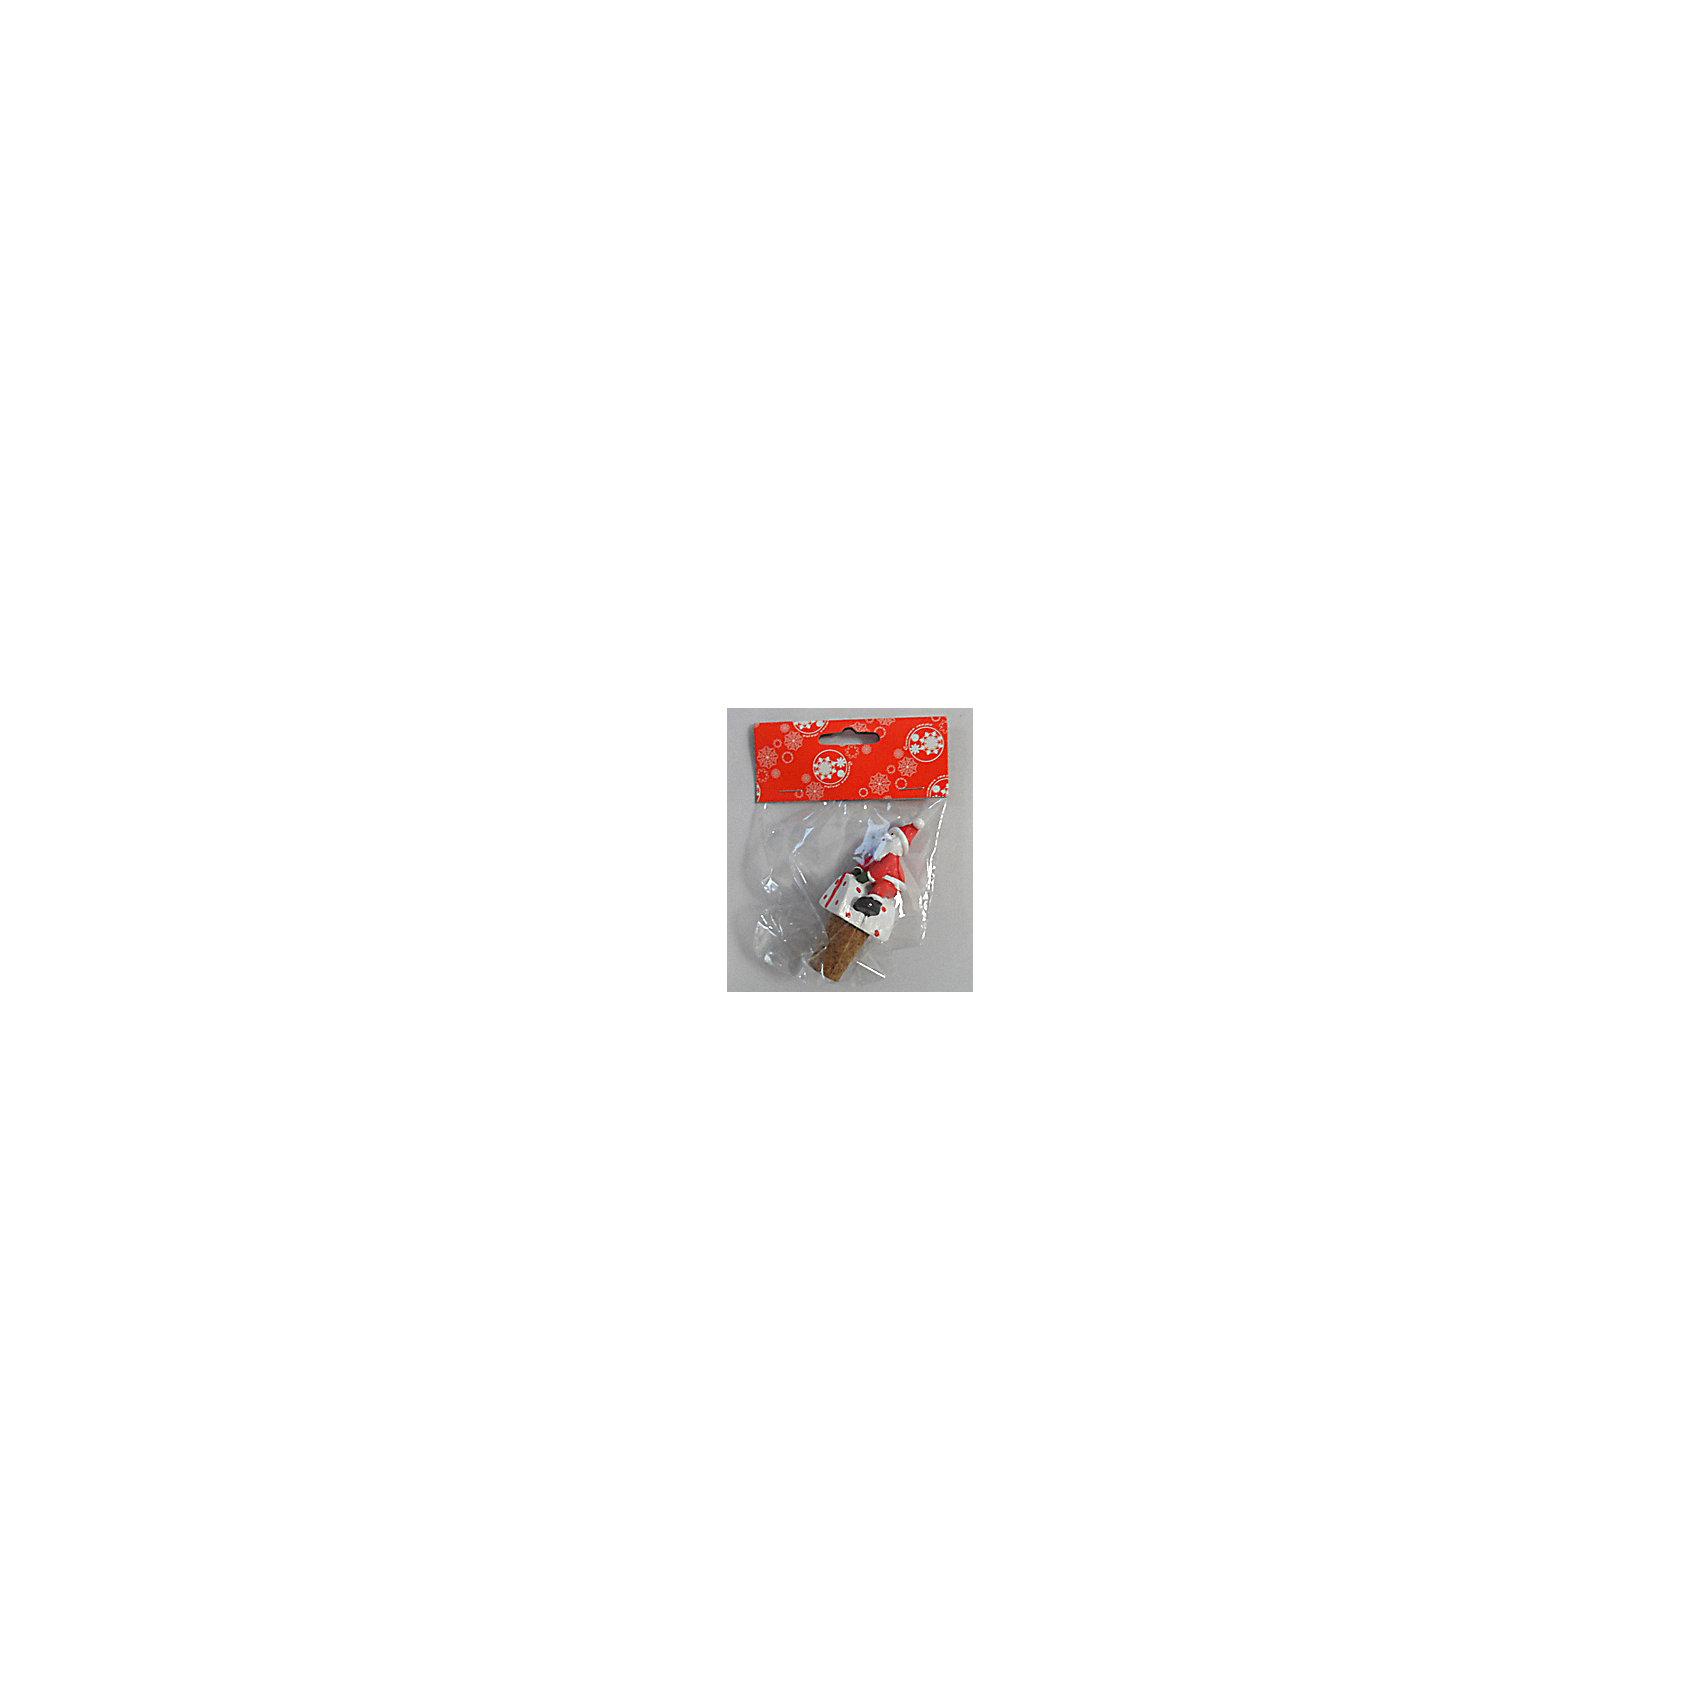 Пробка для бутылки Дед мороз на крышеНовинки Новый Год<br>Пробка для бутылки Дед мороз на крыше - этот новогодний аксессуар принесет в ваш дом волшебство и красоту праздника.<br>Пробка для бутылки Дед мороз на крыше замечательно украсит новогодний стол и создаст праздничное настроение! Пробка декорирована фигуркой Деда Мороза сидящего на крыше. Такой аксессуар позабавит всех и сохранит напиток свежим. Пробка изготовлена из древесины пробкового дерева. Она безвредна, устойчива к износу и не впитывает посторонние запахи. <br><br>Дополнительная информация:<br><br>- Размер упаковки: 13 х 9,5 х 2,6 см.<br>- Материал: древесина пробкового дерева с декором из полирезины<br><br>Пробку для бутылки Дед мороз на крыше можно купить в нашем интернет-магазине.<br><br>Ширина мм: 140<br>Глубина мм: 110<br>Высота мм: 40<br>Вес г: 100<br>Возраст от месяцев: 36<br>Возраст до месяцев: 2147483647<br>Пол: Унисекс<br>Возраст: Детский<br>SKU: 4274774